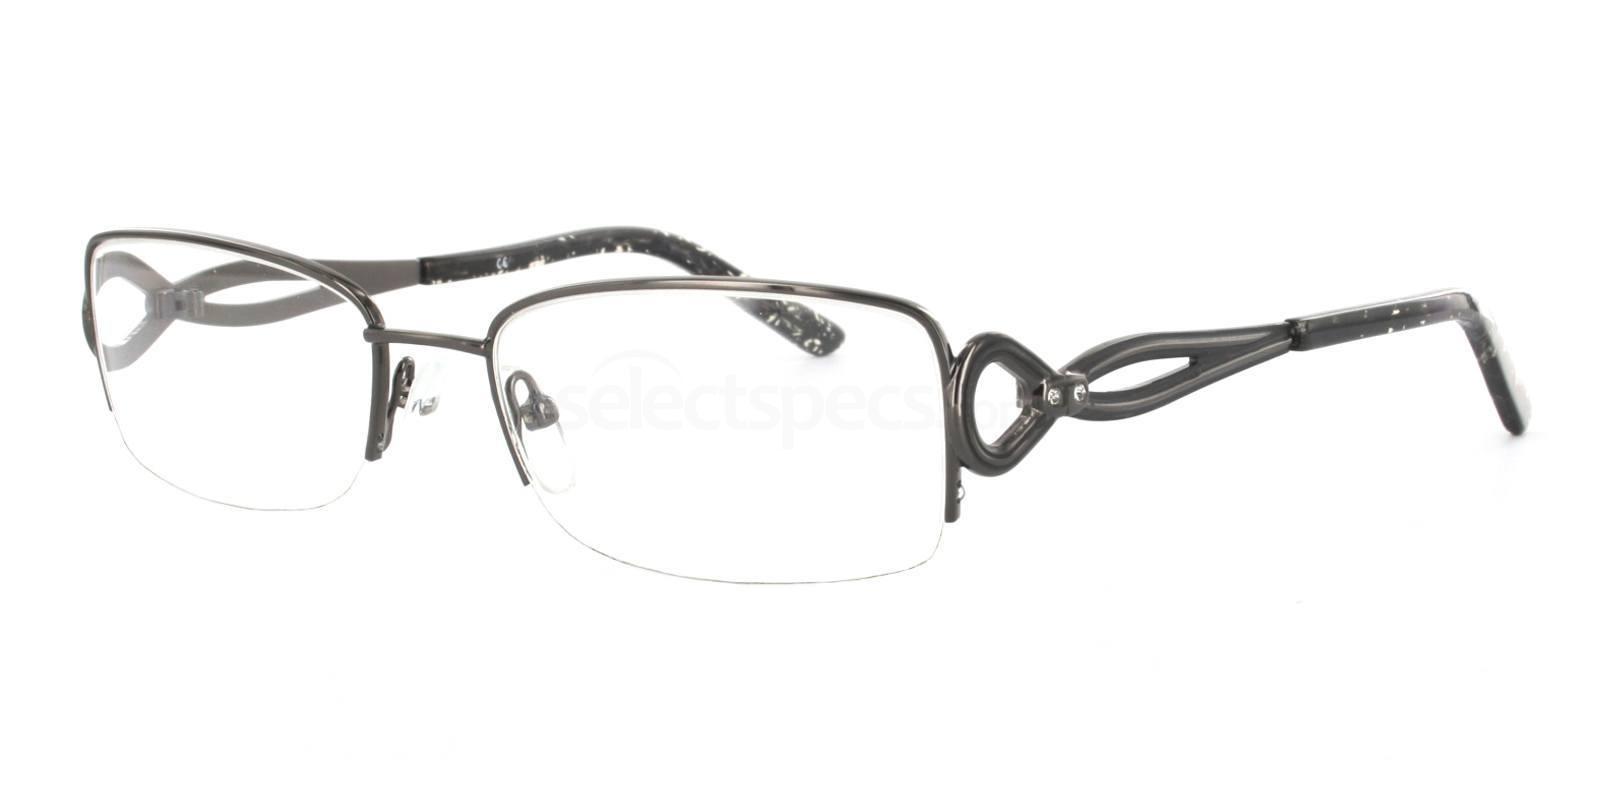 C2 Y25948 Glasses, Antares